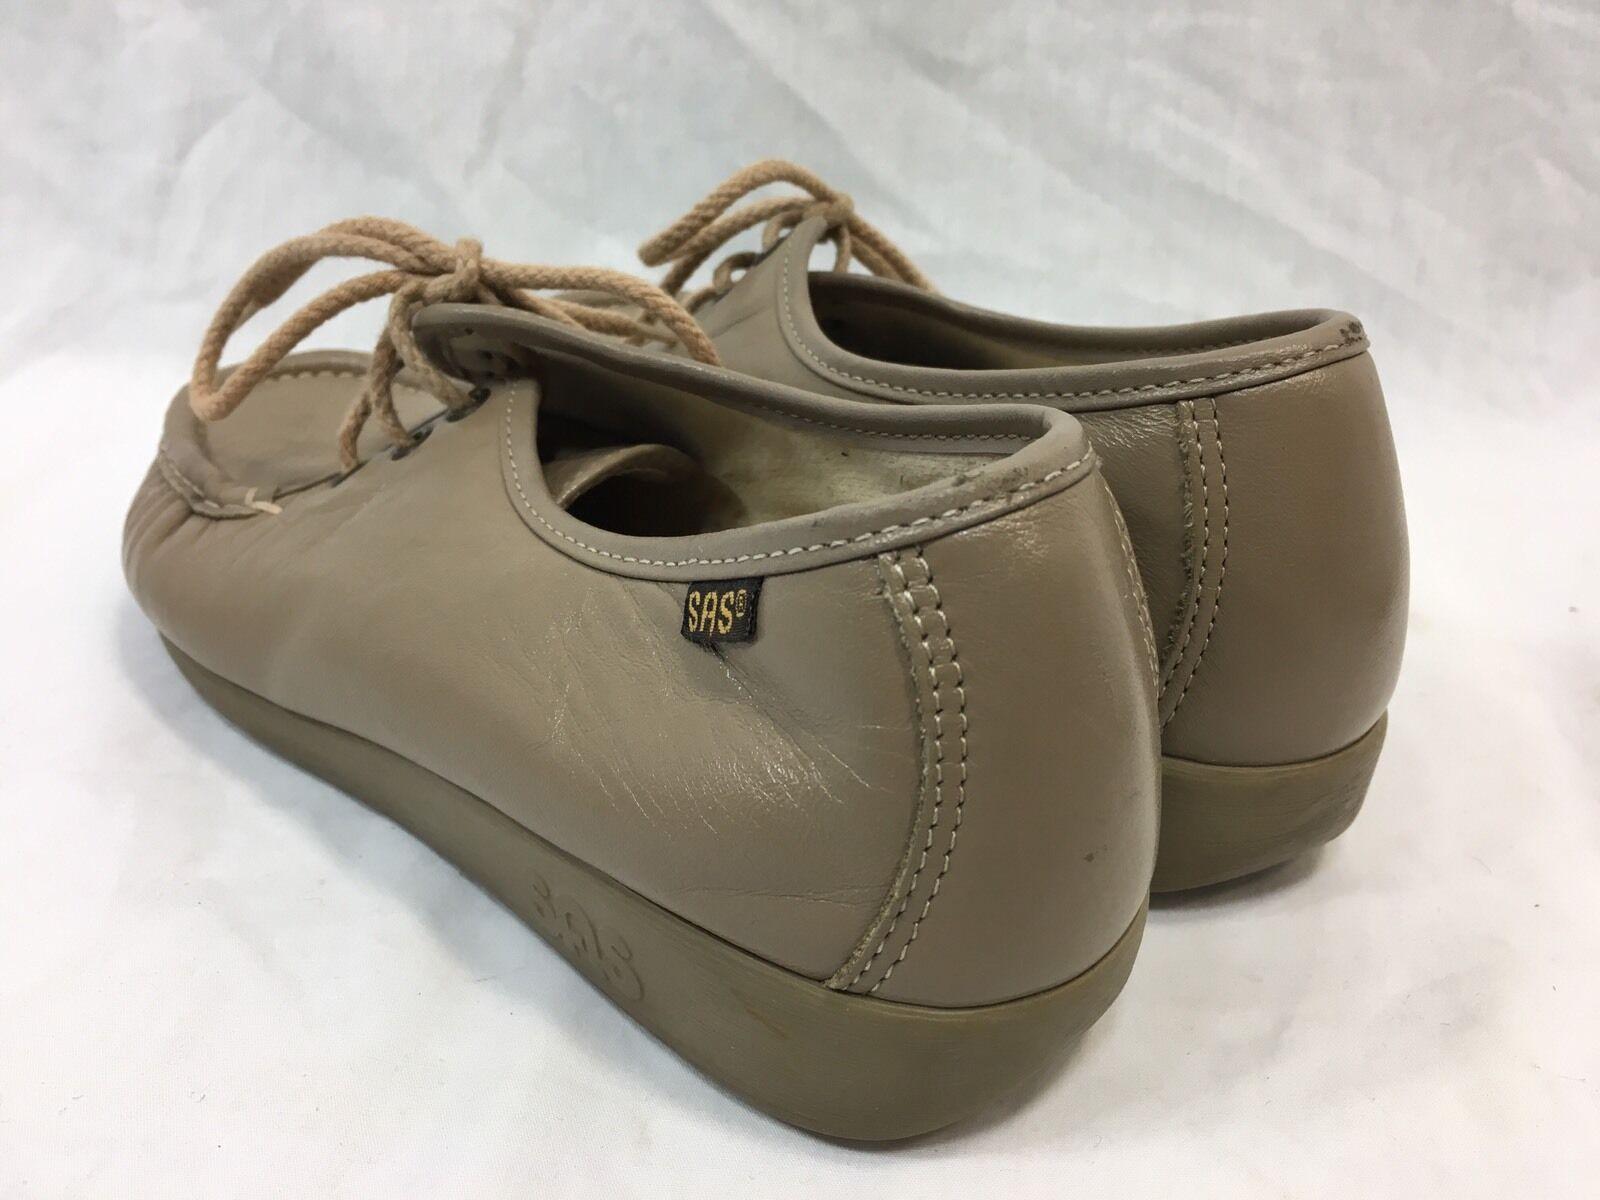 SAS Comodidad Zapatos Oxford Informales de Cuero para Mujer 8 UU. Cosida a Mano EE. UU. 8 con Cordones Beige b7d407